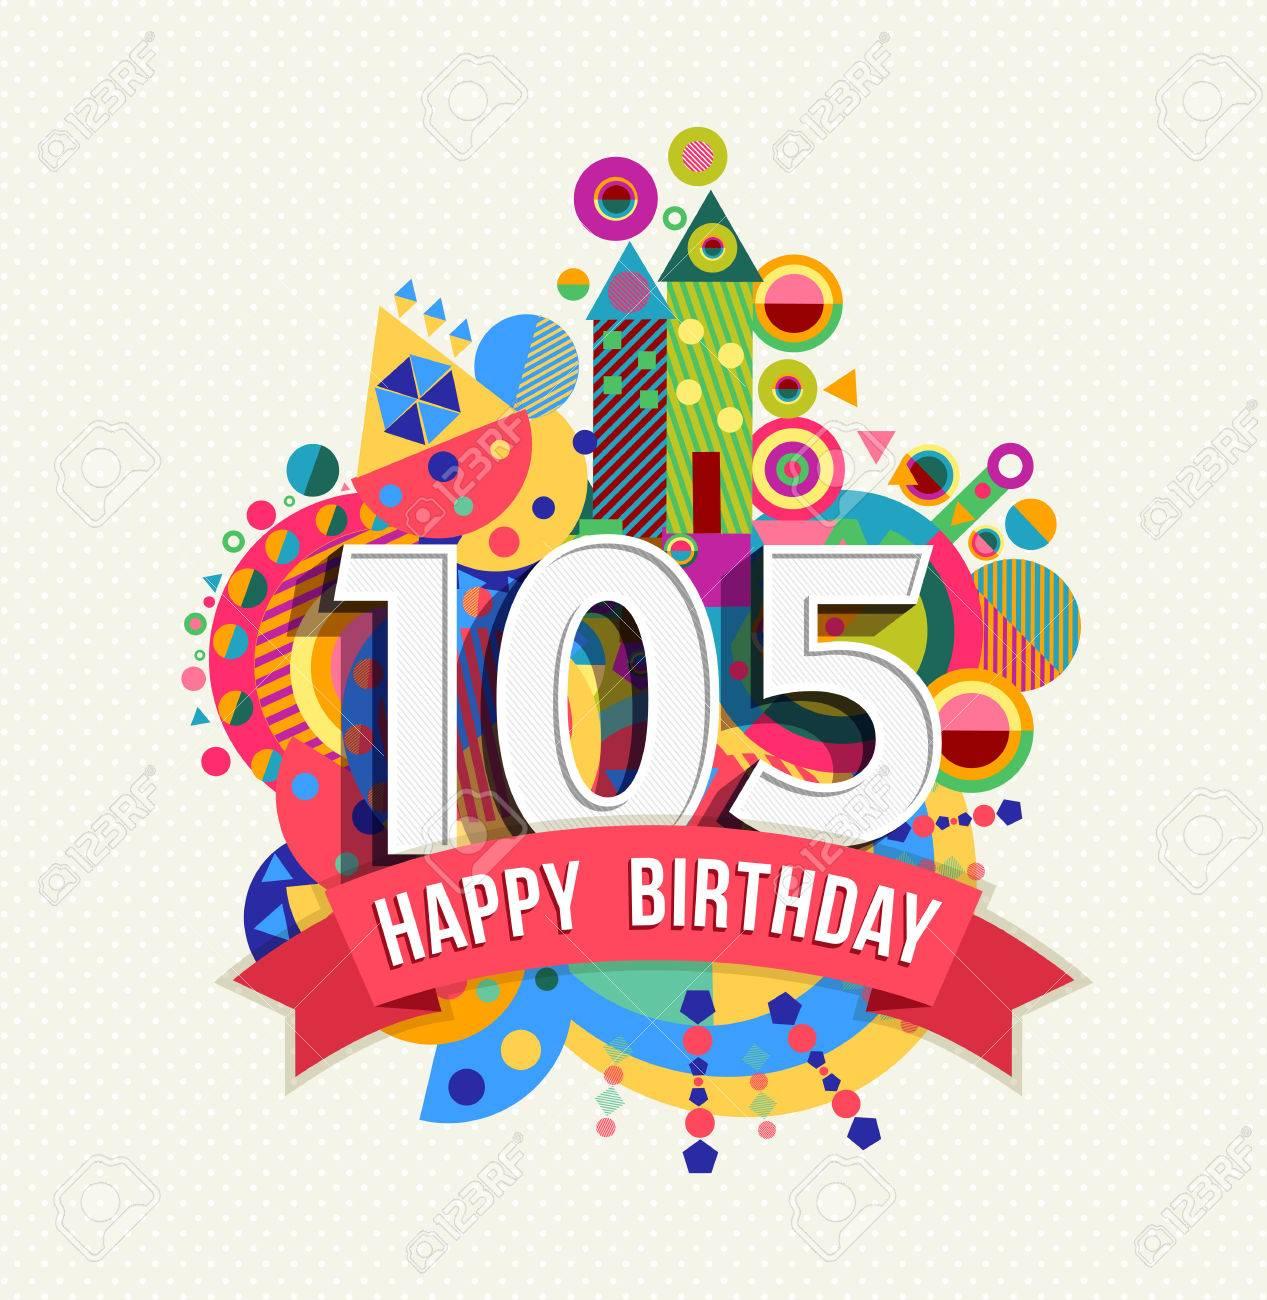 51067774-joyeux-anniversaire-cent-cinq-1